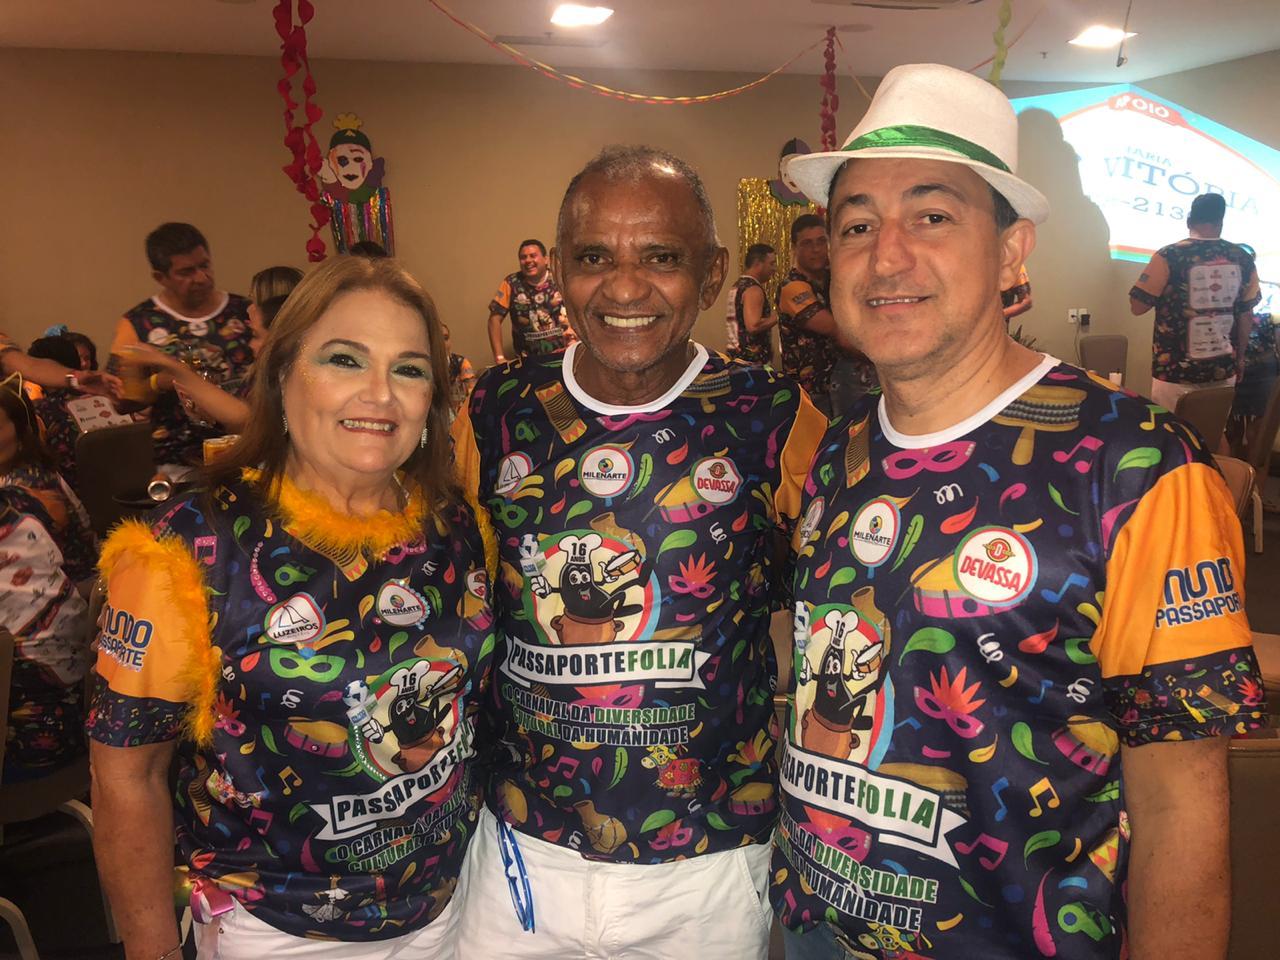 Julieta Ramos e Reginaldo Silva (Folhagem) com Júlio César.